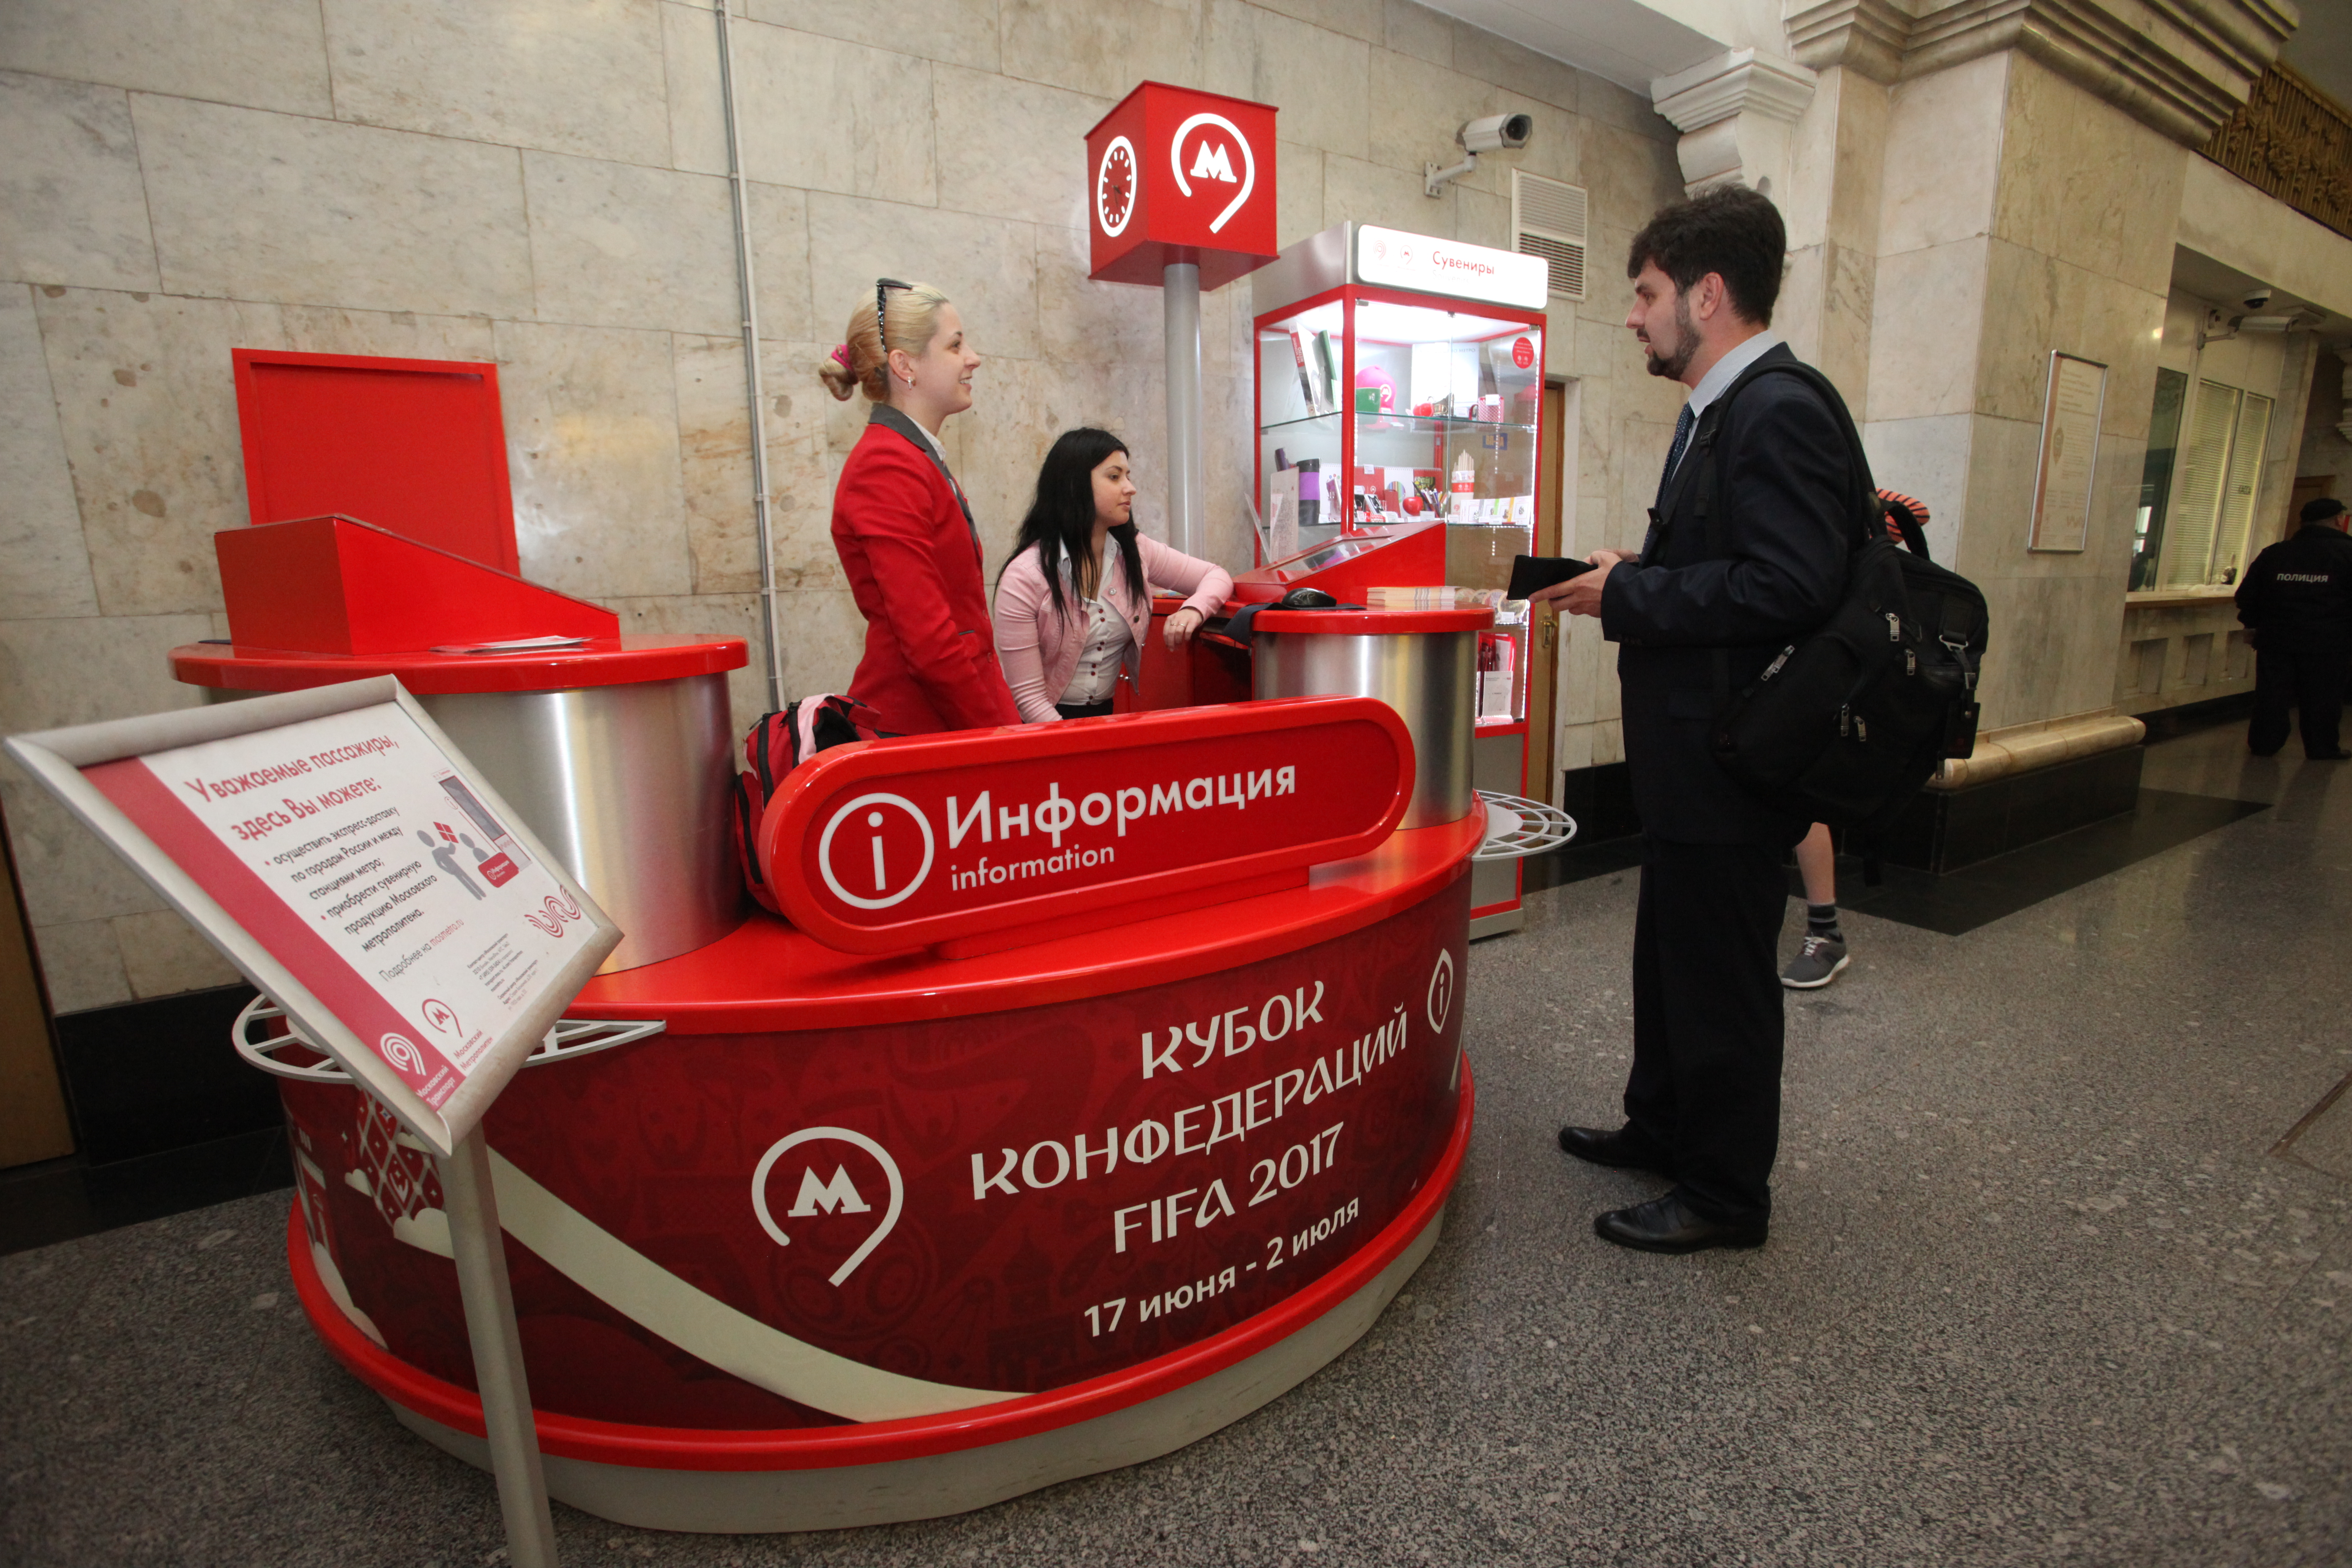 Информационная стойка в метро для футбольных болельщиков перед Кубком Конфедерации